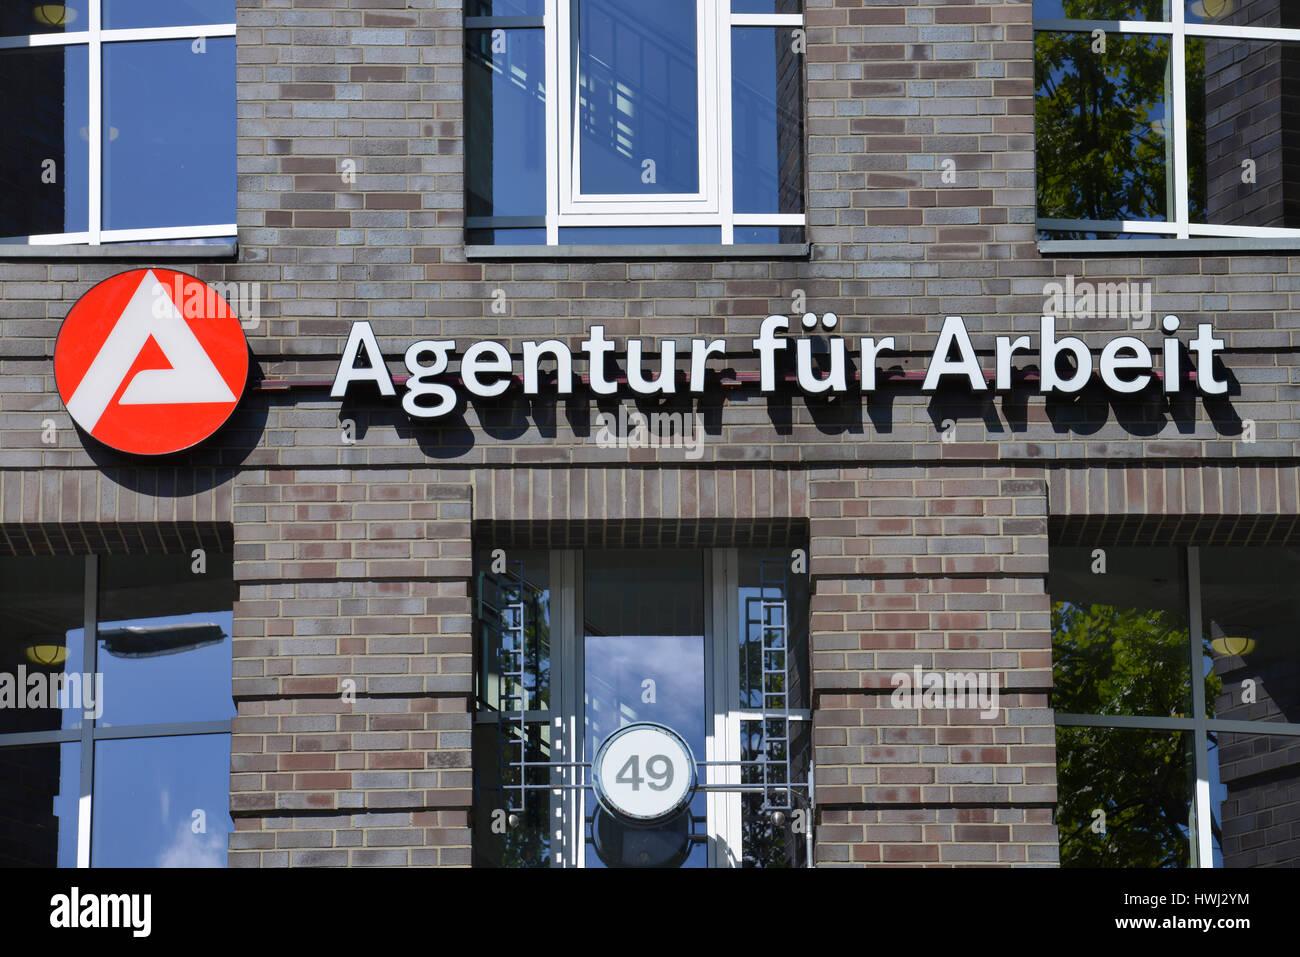 Agentur fuer Arbeit, Koenigin-Elisabeth-Strasse, Westend, Charlottenburg, Berlin, Deutschland Stock Photo